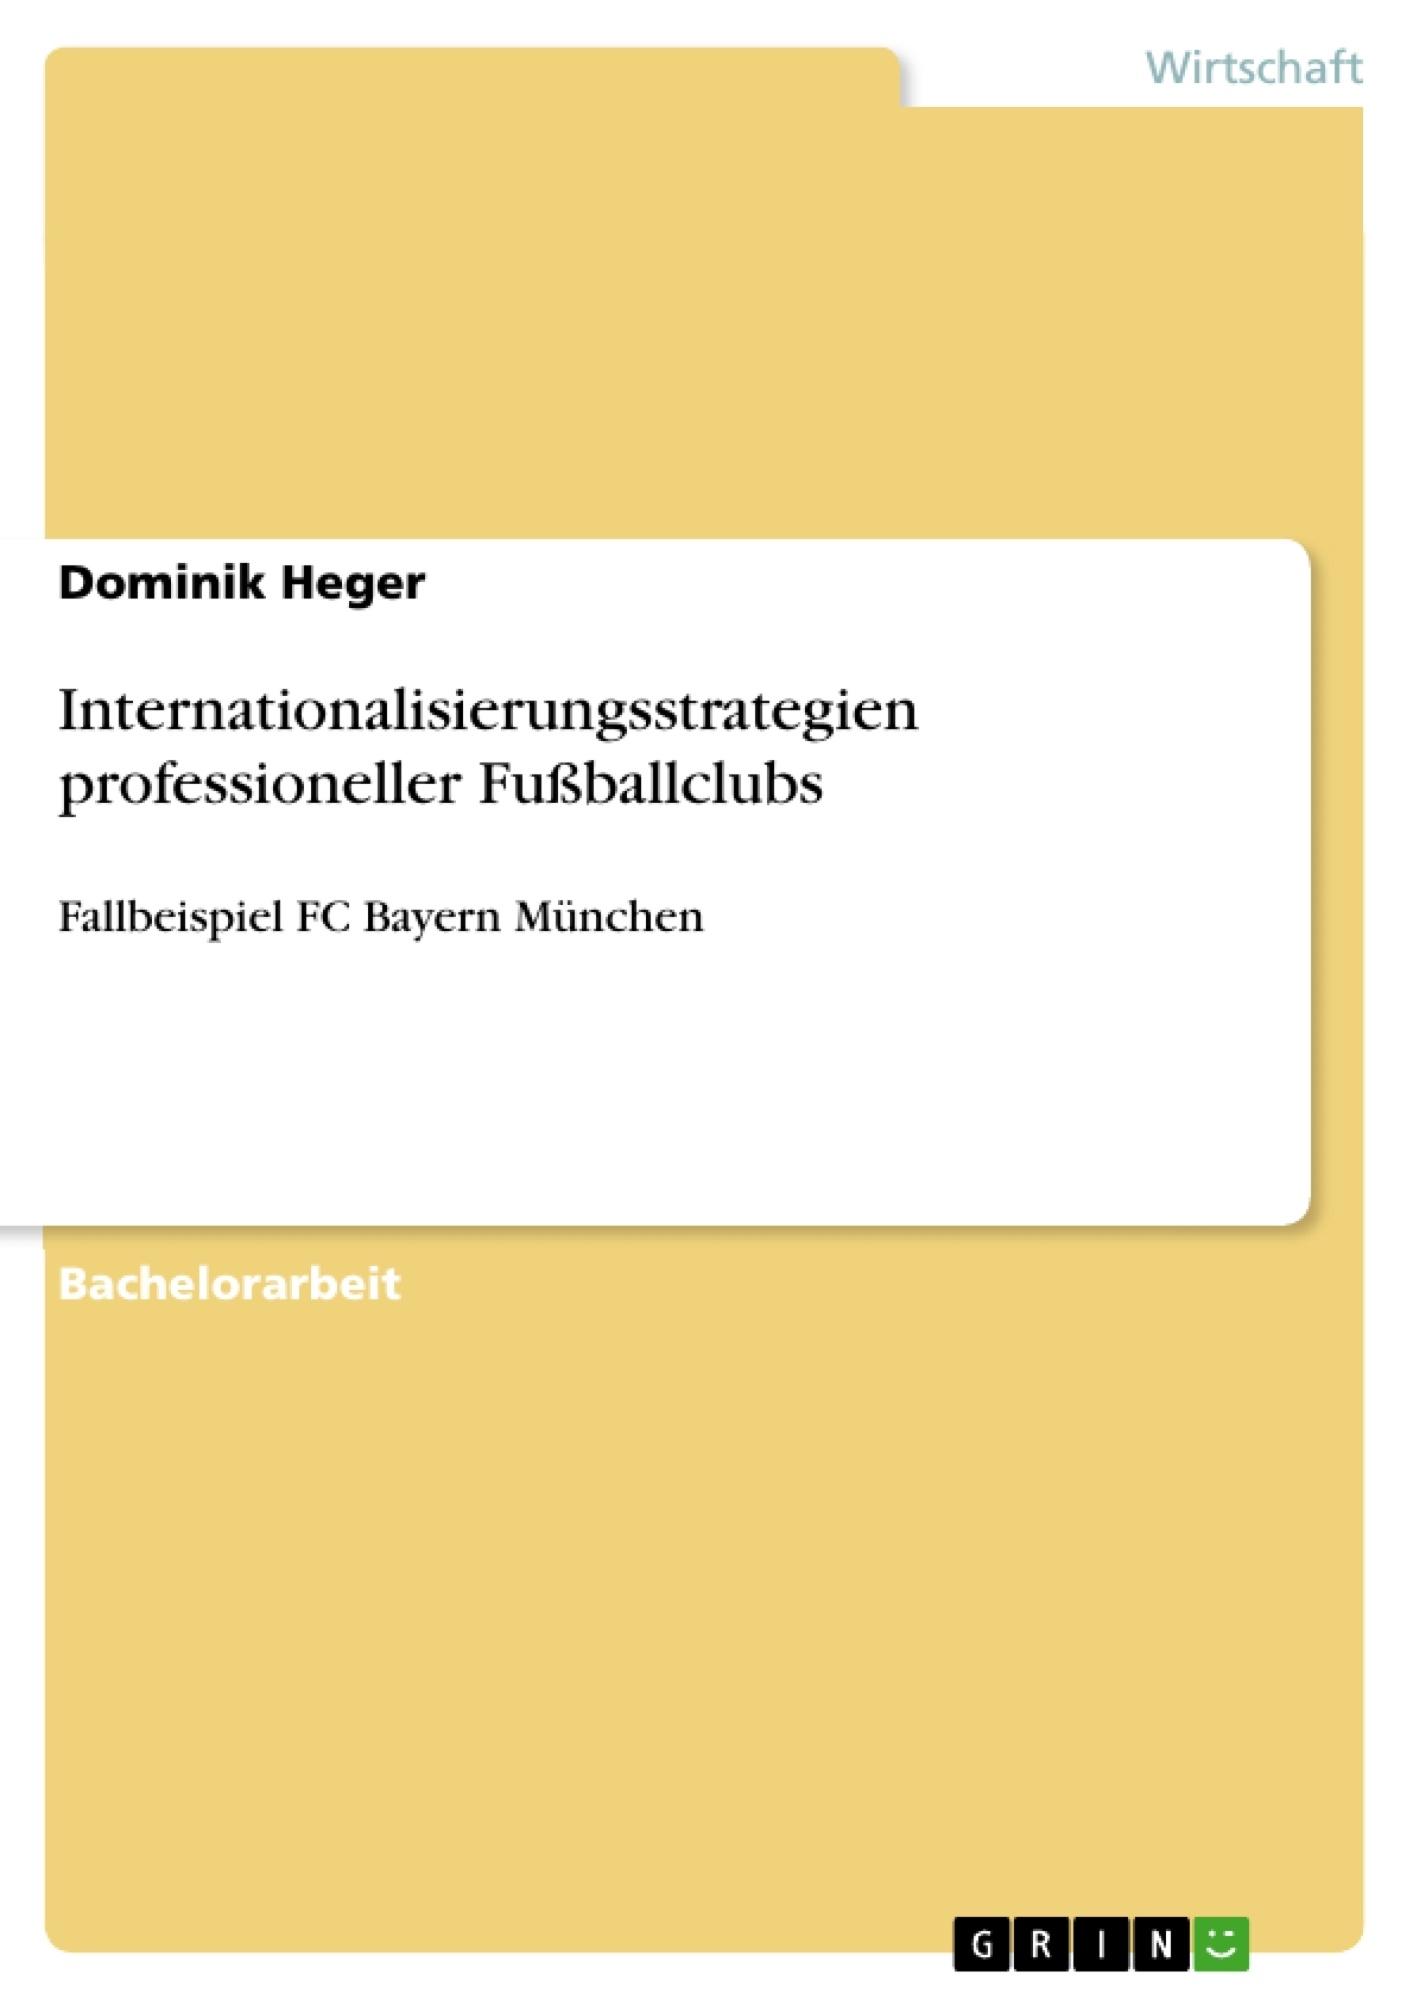 Titel: Internationalisierungsstrategien professioneller Fußballclubs